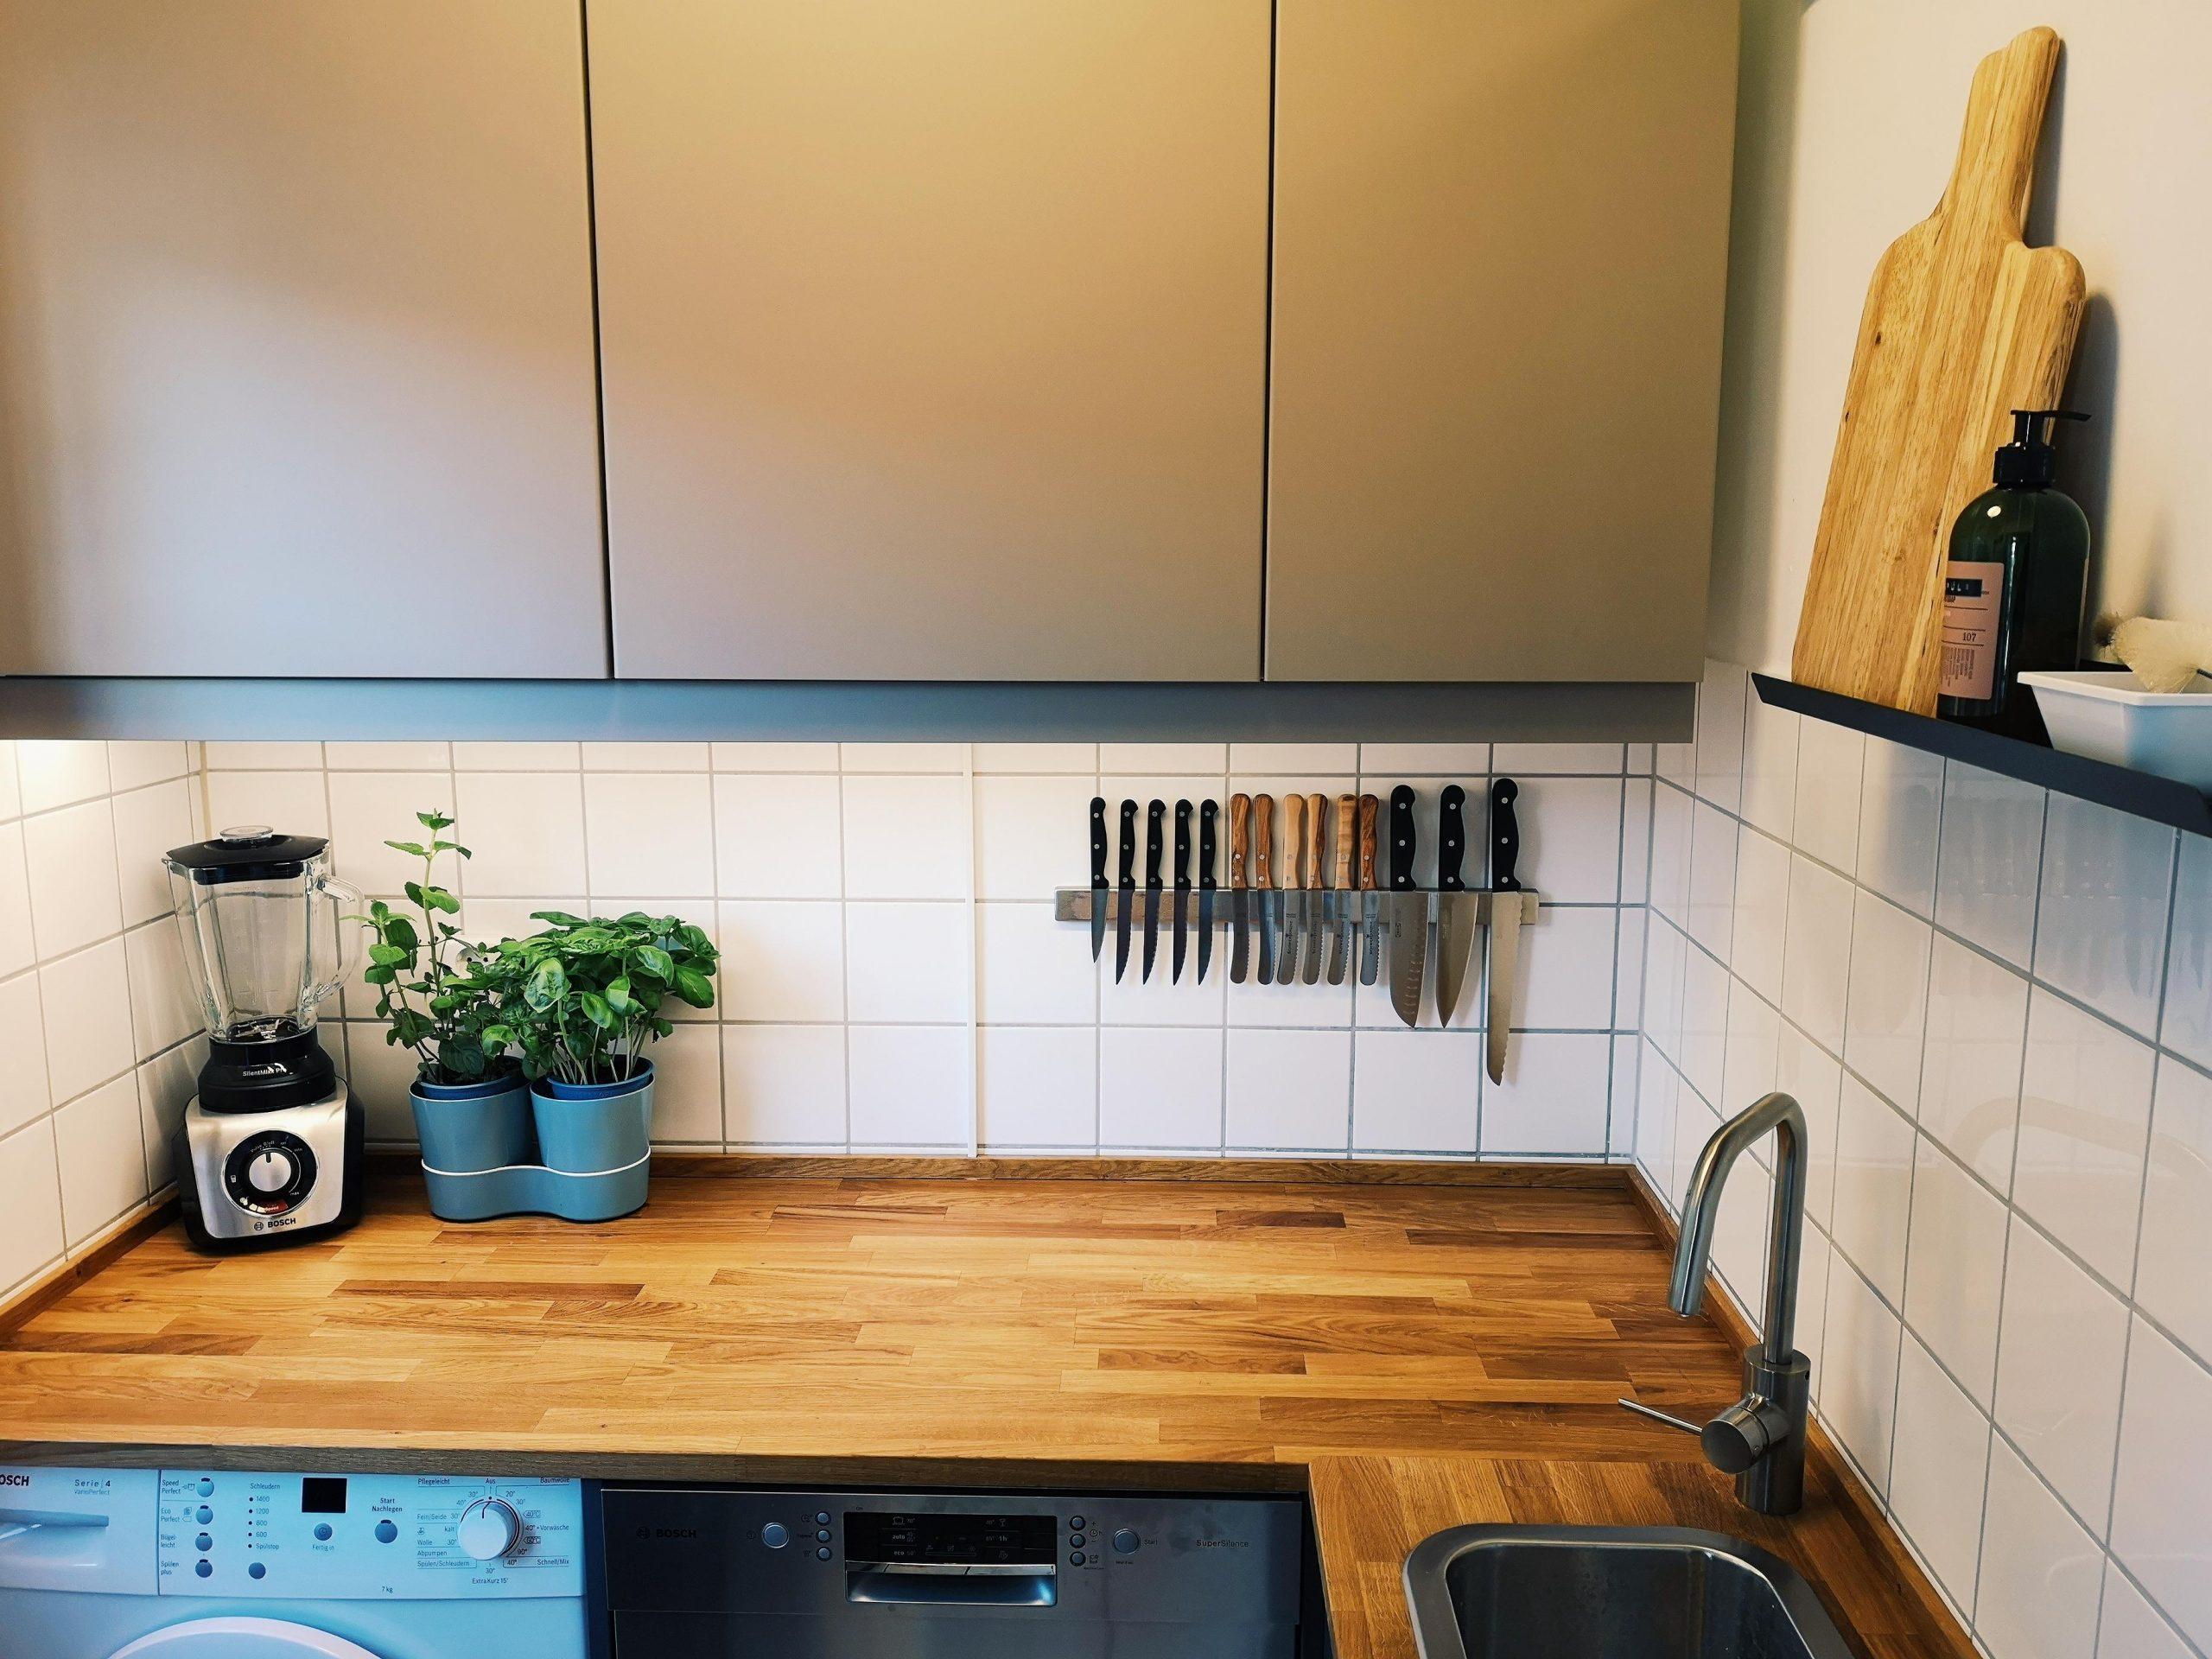 Full Size of Mini Küche über Eck Wmf Mini Küche Zerkleinerer Mini Küche Selbst Zusammenstellen Mini Küche Online Planen Küche Mini Küche